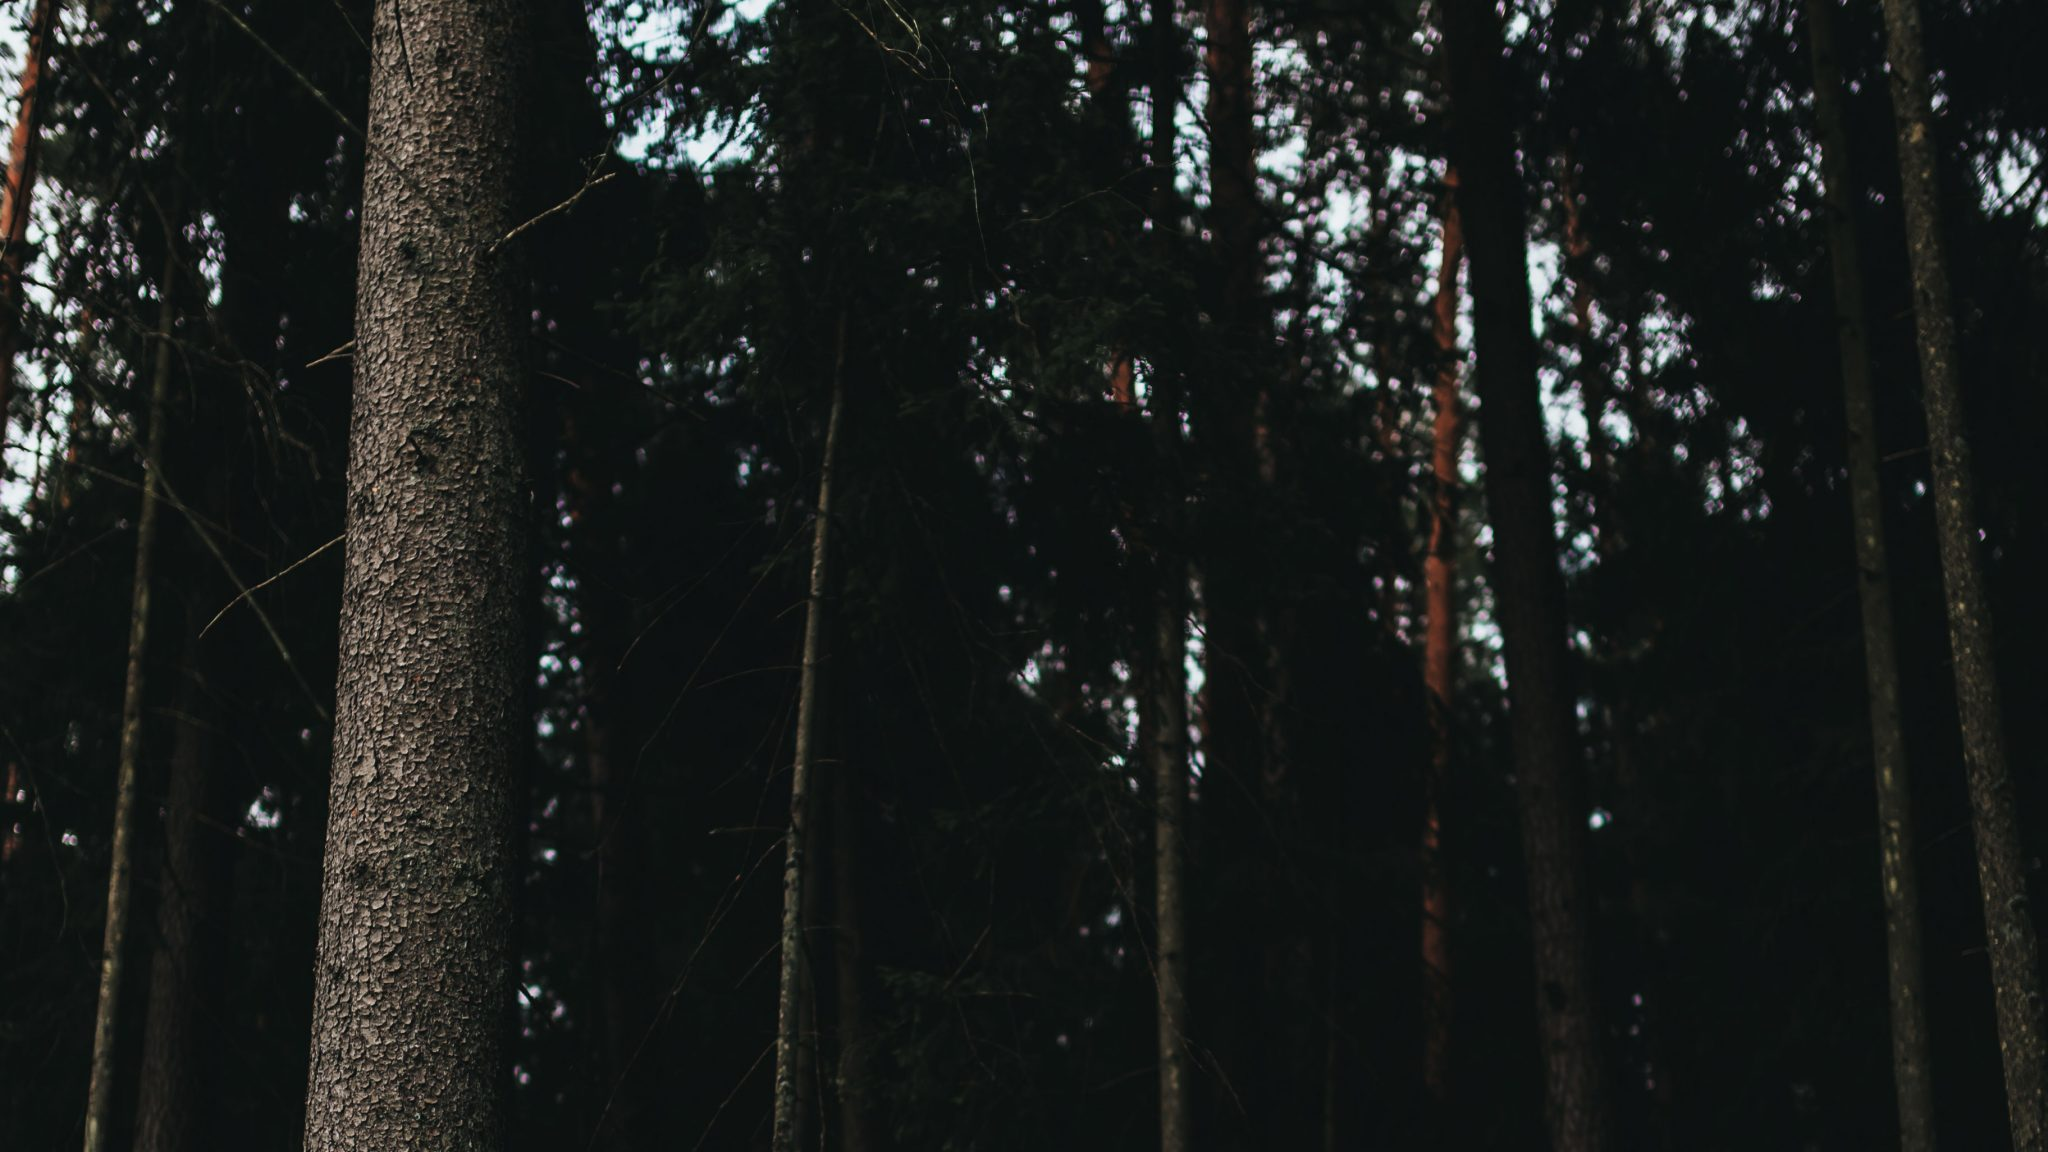 tumma kuva missä puita metsässä